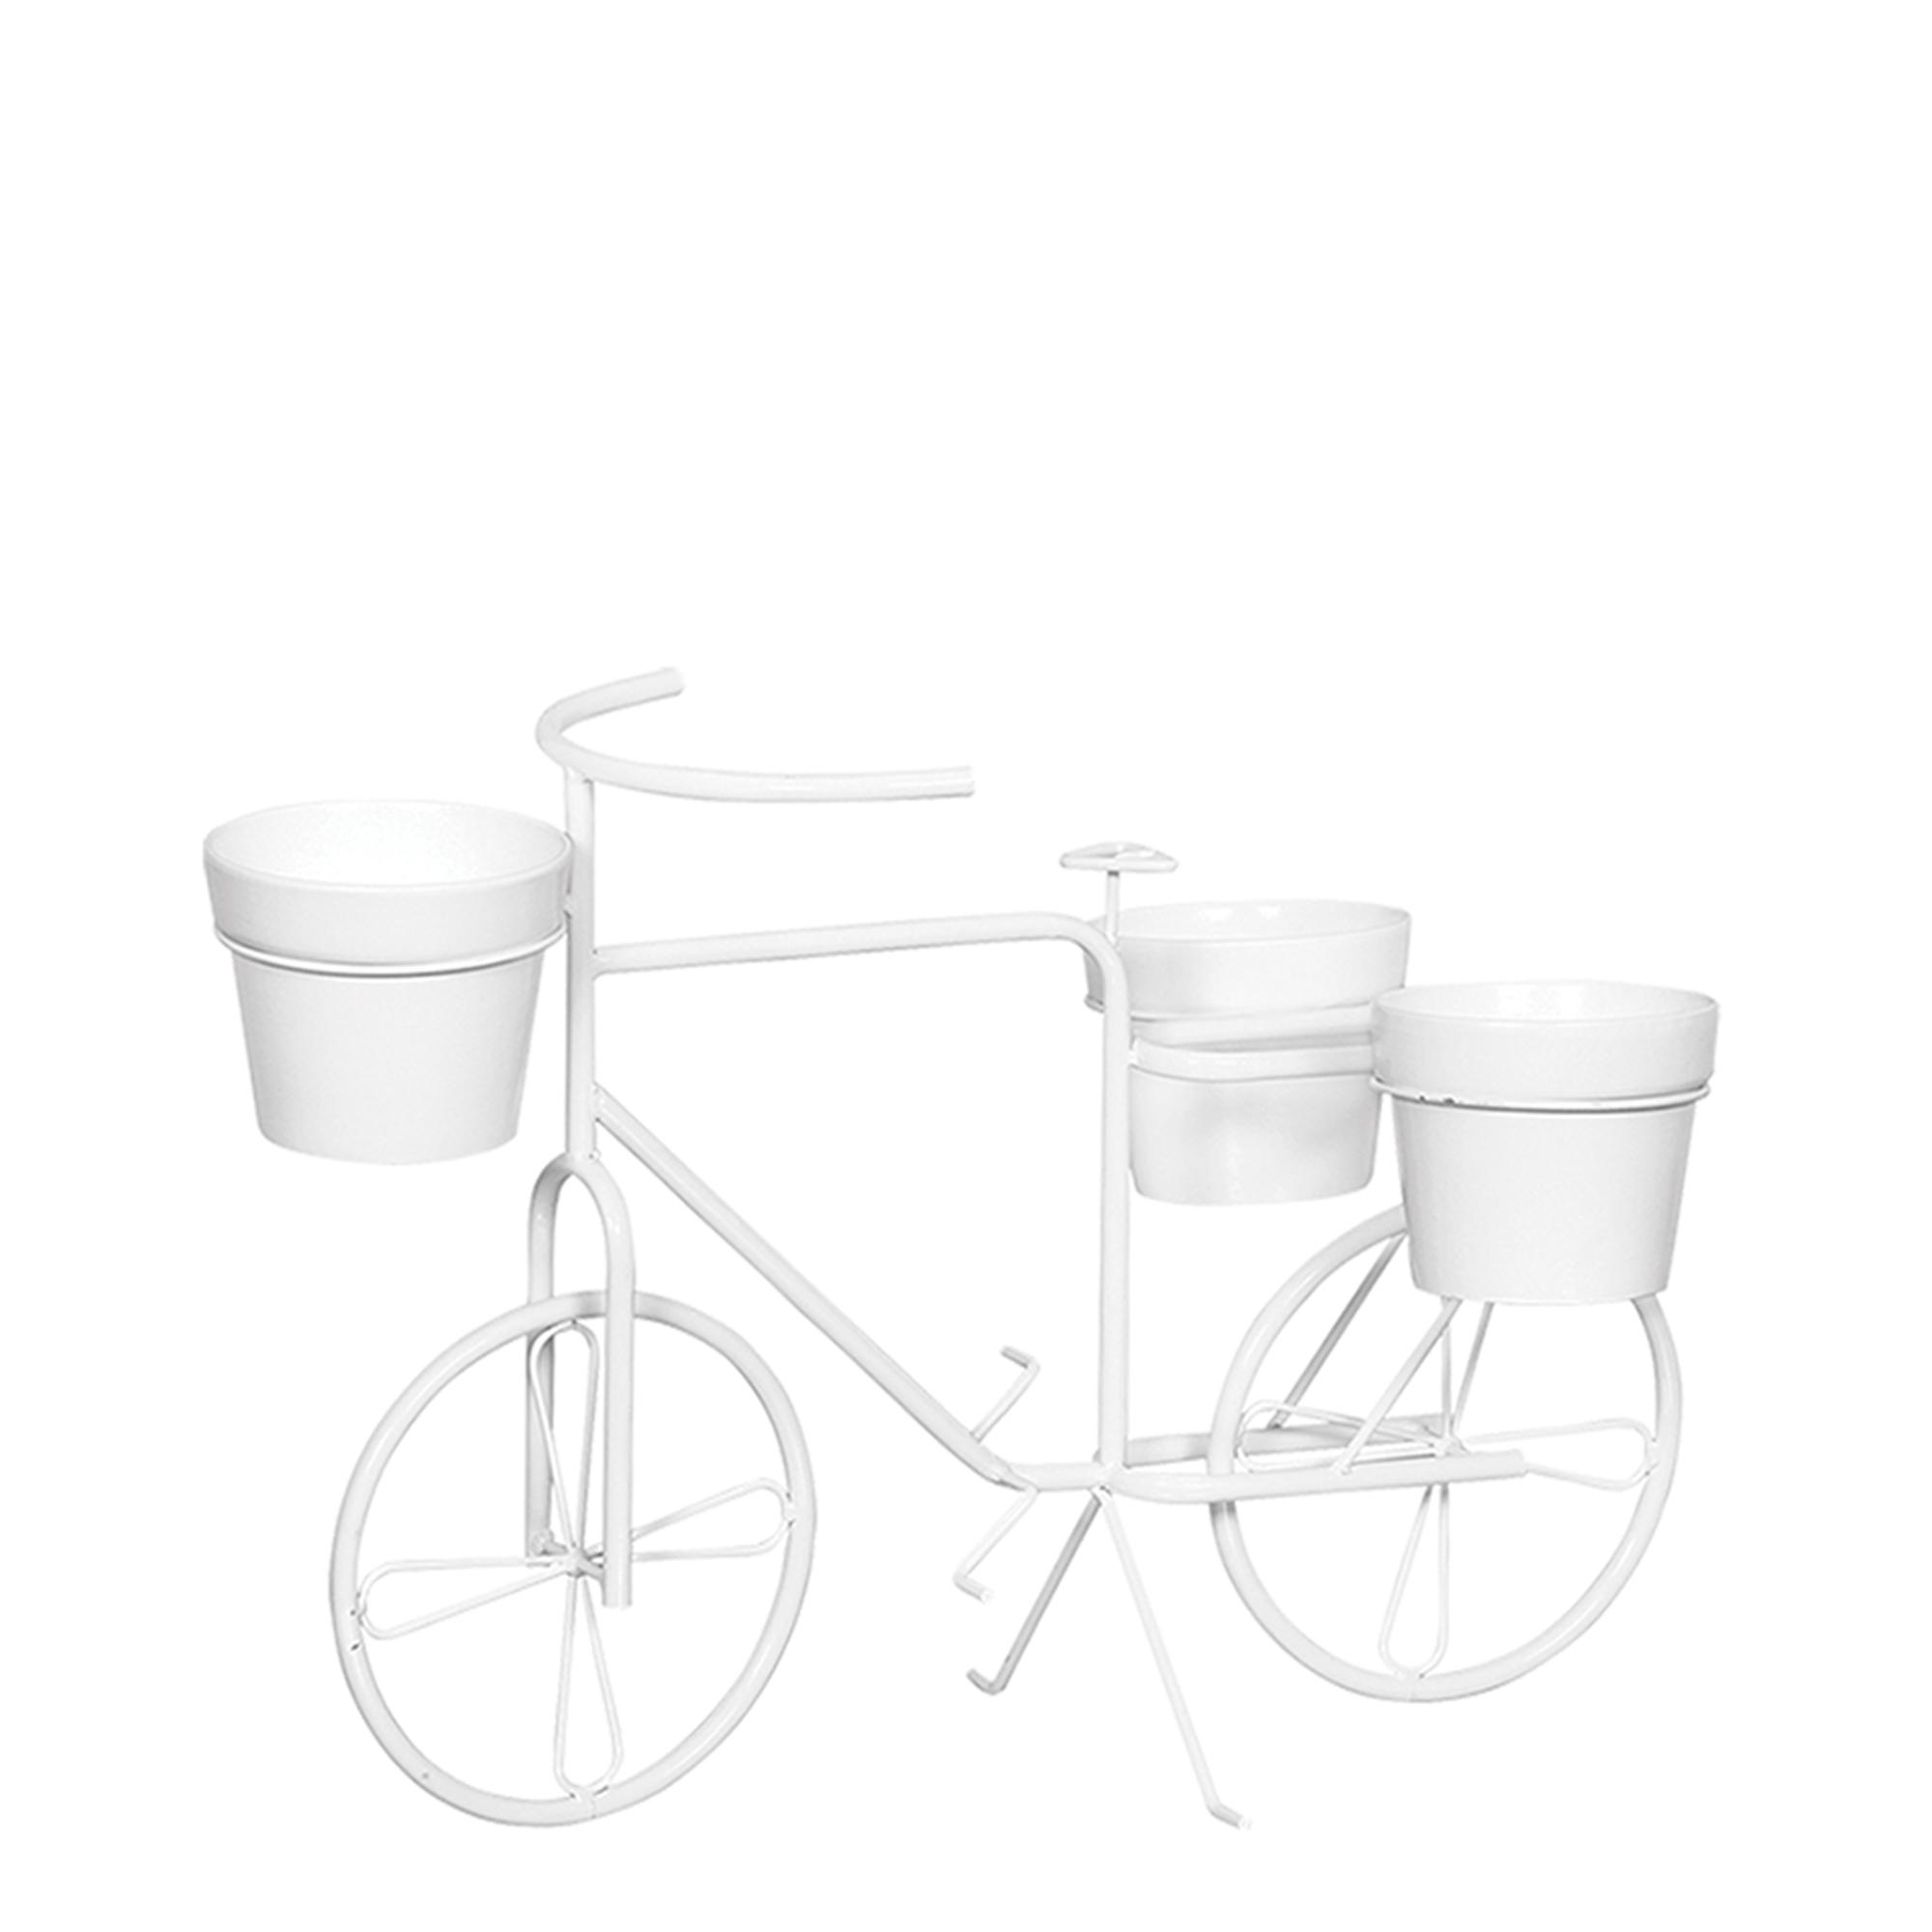 Bicicleta Pedal c/ 3 Vasos